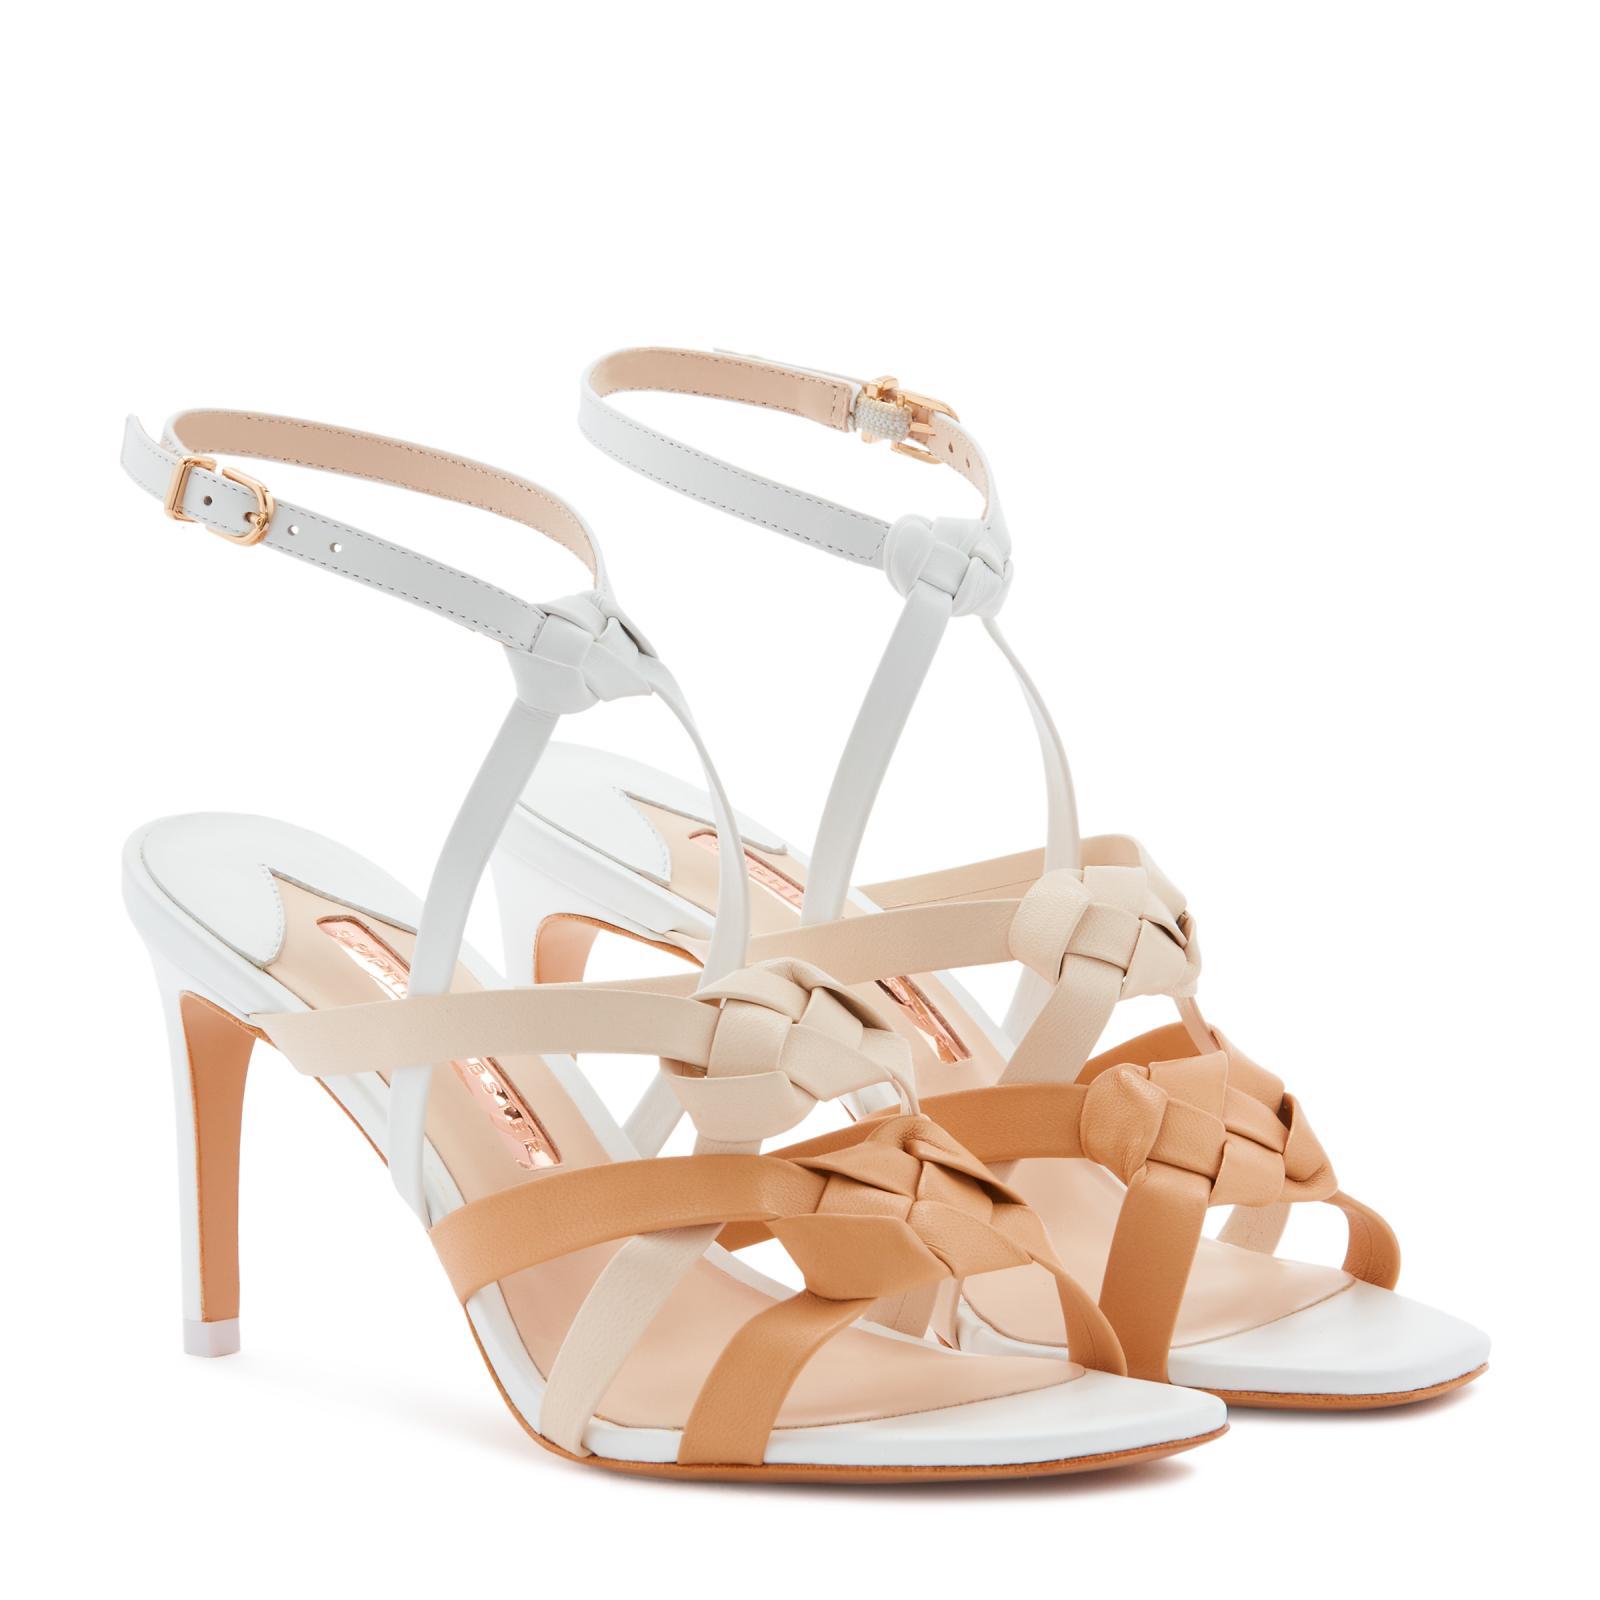 Ramona, è la scarpa perfetta che indosserai più e più volte. Con un tacco medio da 85 mm super confortevole e una tomaia in pelle intrecciata, la Ramona è di classe in una colorazione bianca e cammello.